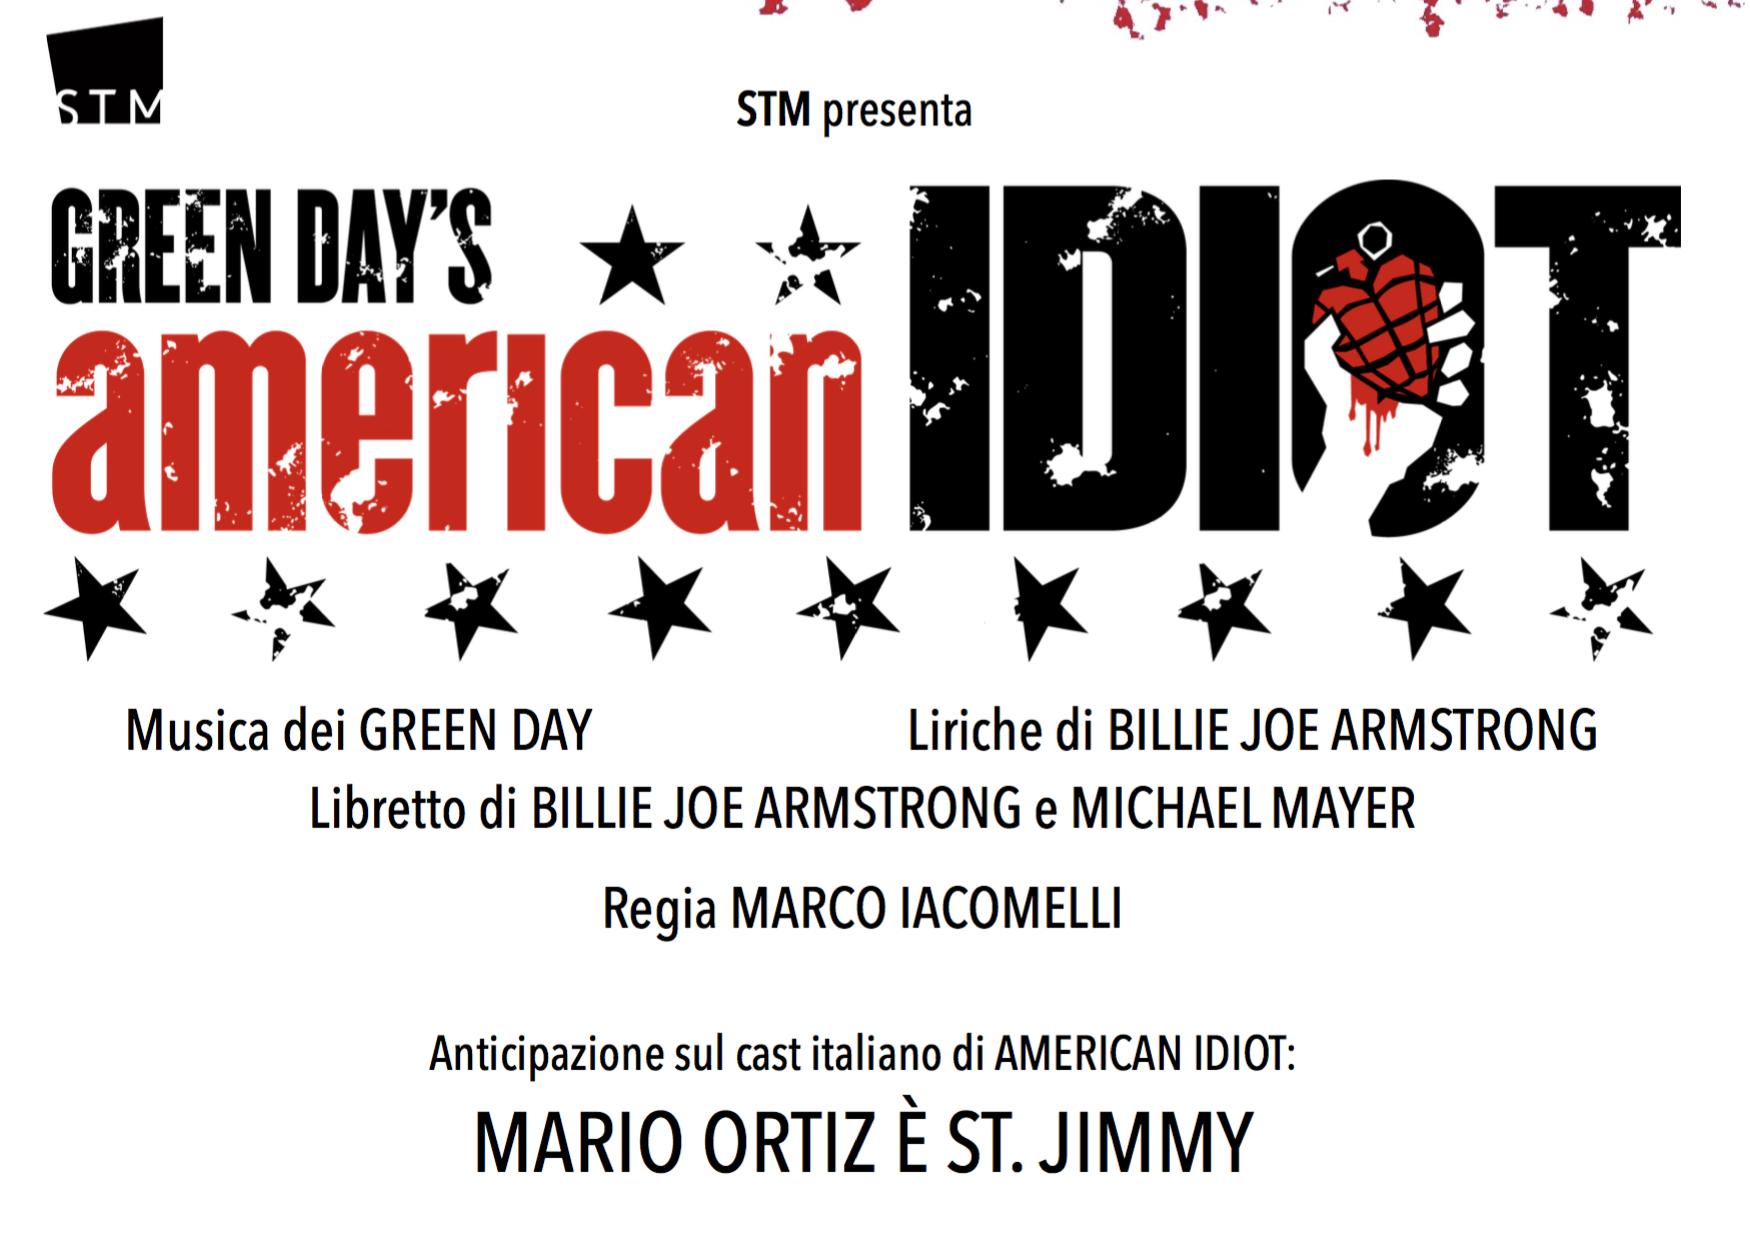 il regista Marco Iacomelli ad annunciare che Mario Ortiz sarà St. Jimmy, ruolo che a Broadway è stato interpretato anche dallo stesso Bille Joe Armstrong